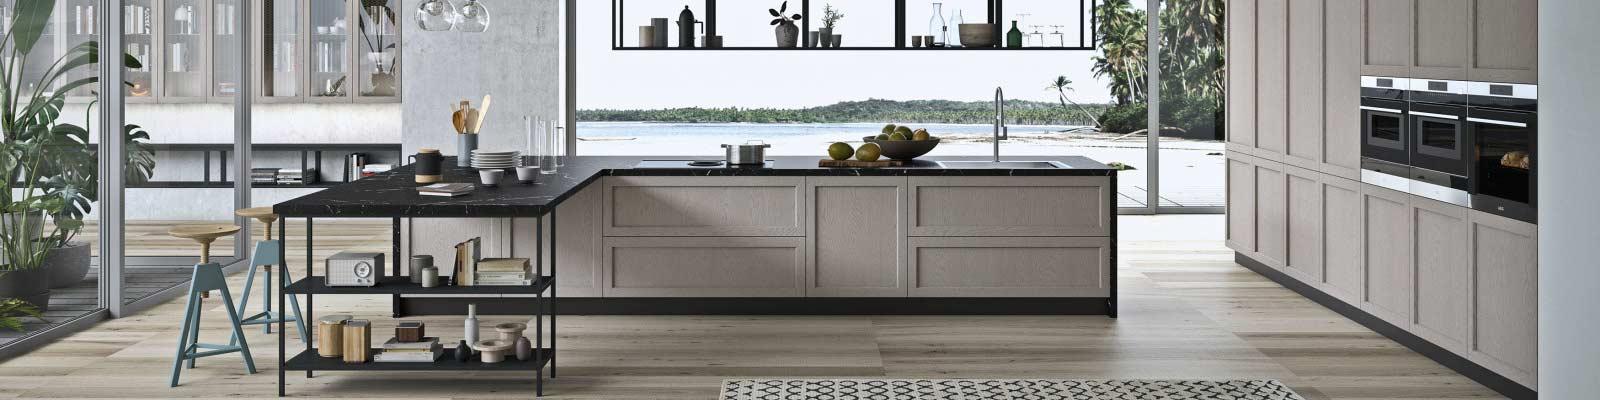 Ar tre cucine classiche moderne e in muratura roma for Realizza la tua cucina